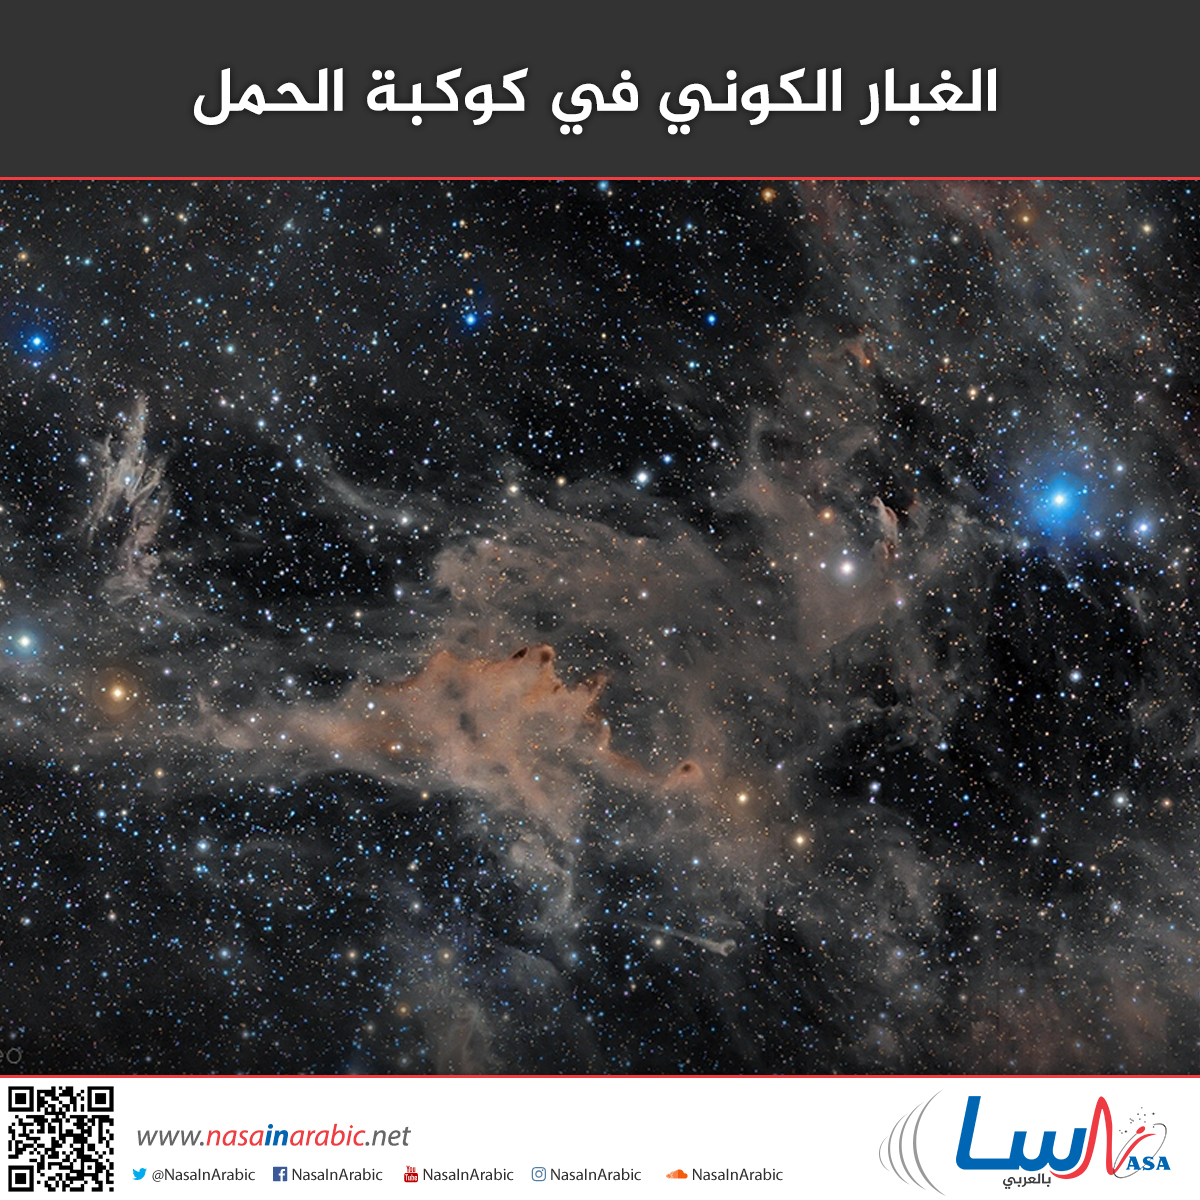 الغبار الكوني في كوكبة الحمل